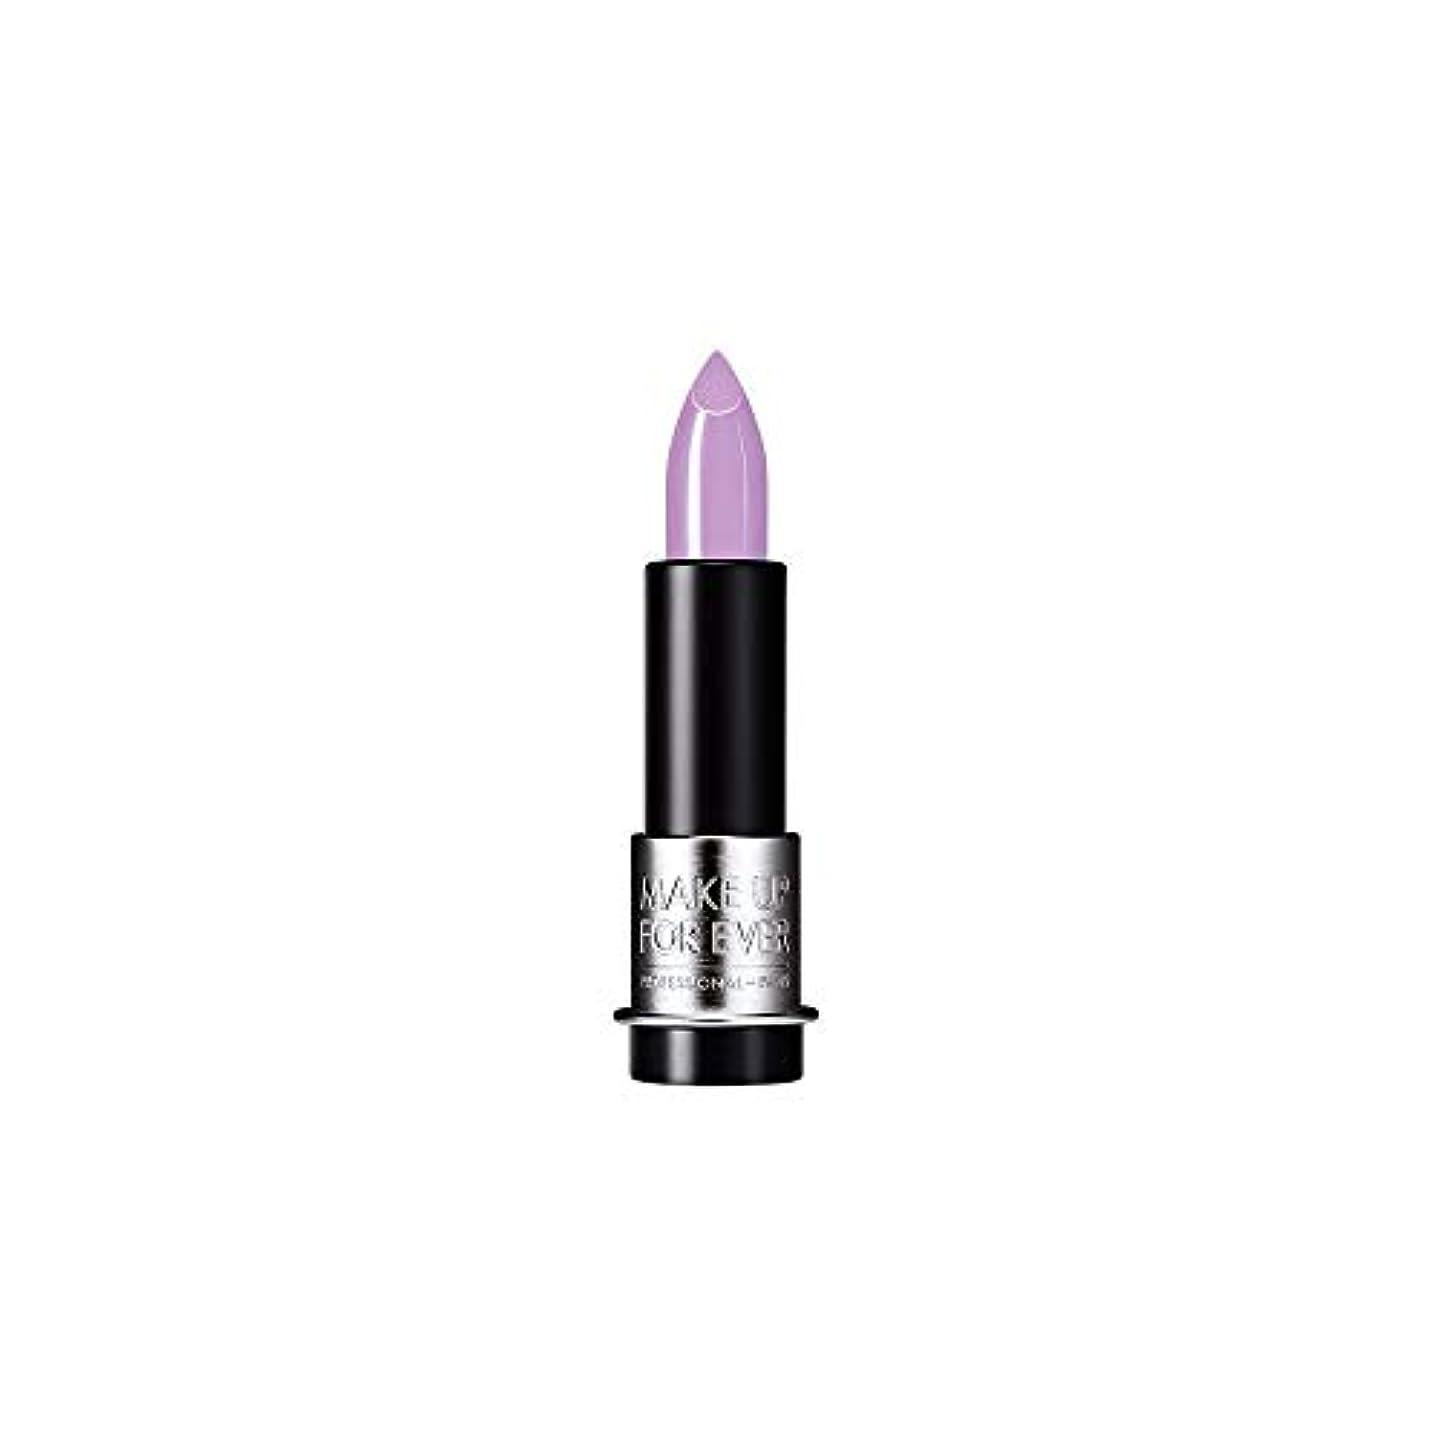 離す艦隊従順[MAKE UP FOR EVER] これまでアーティストルージュクリーム口紅3.5グラムのC503を補う - 藤紫 - MAKE UP FOR EVER Artist Rouge Creme Lipstick 3.5g...